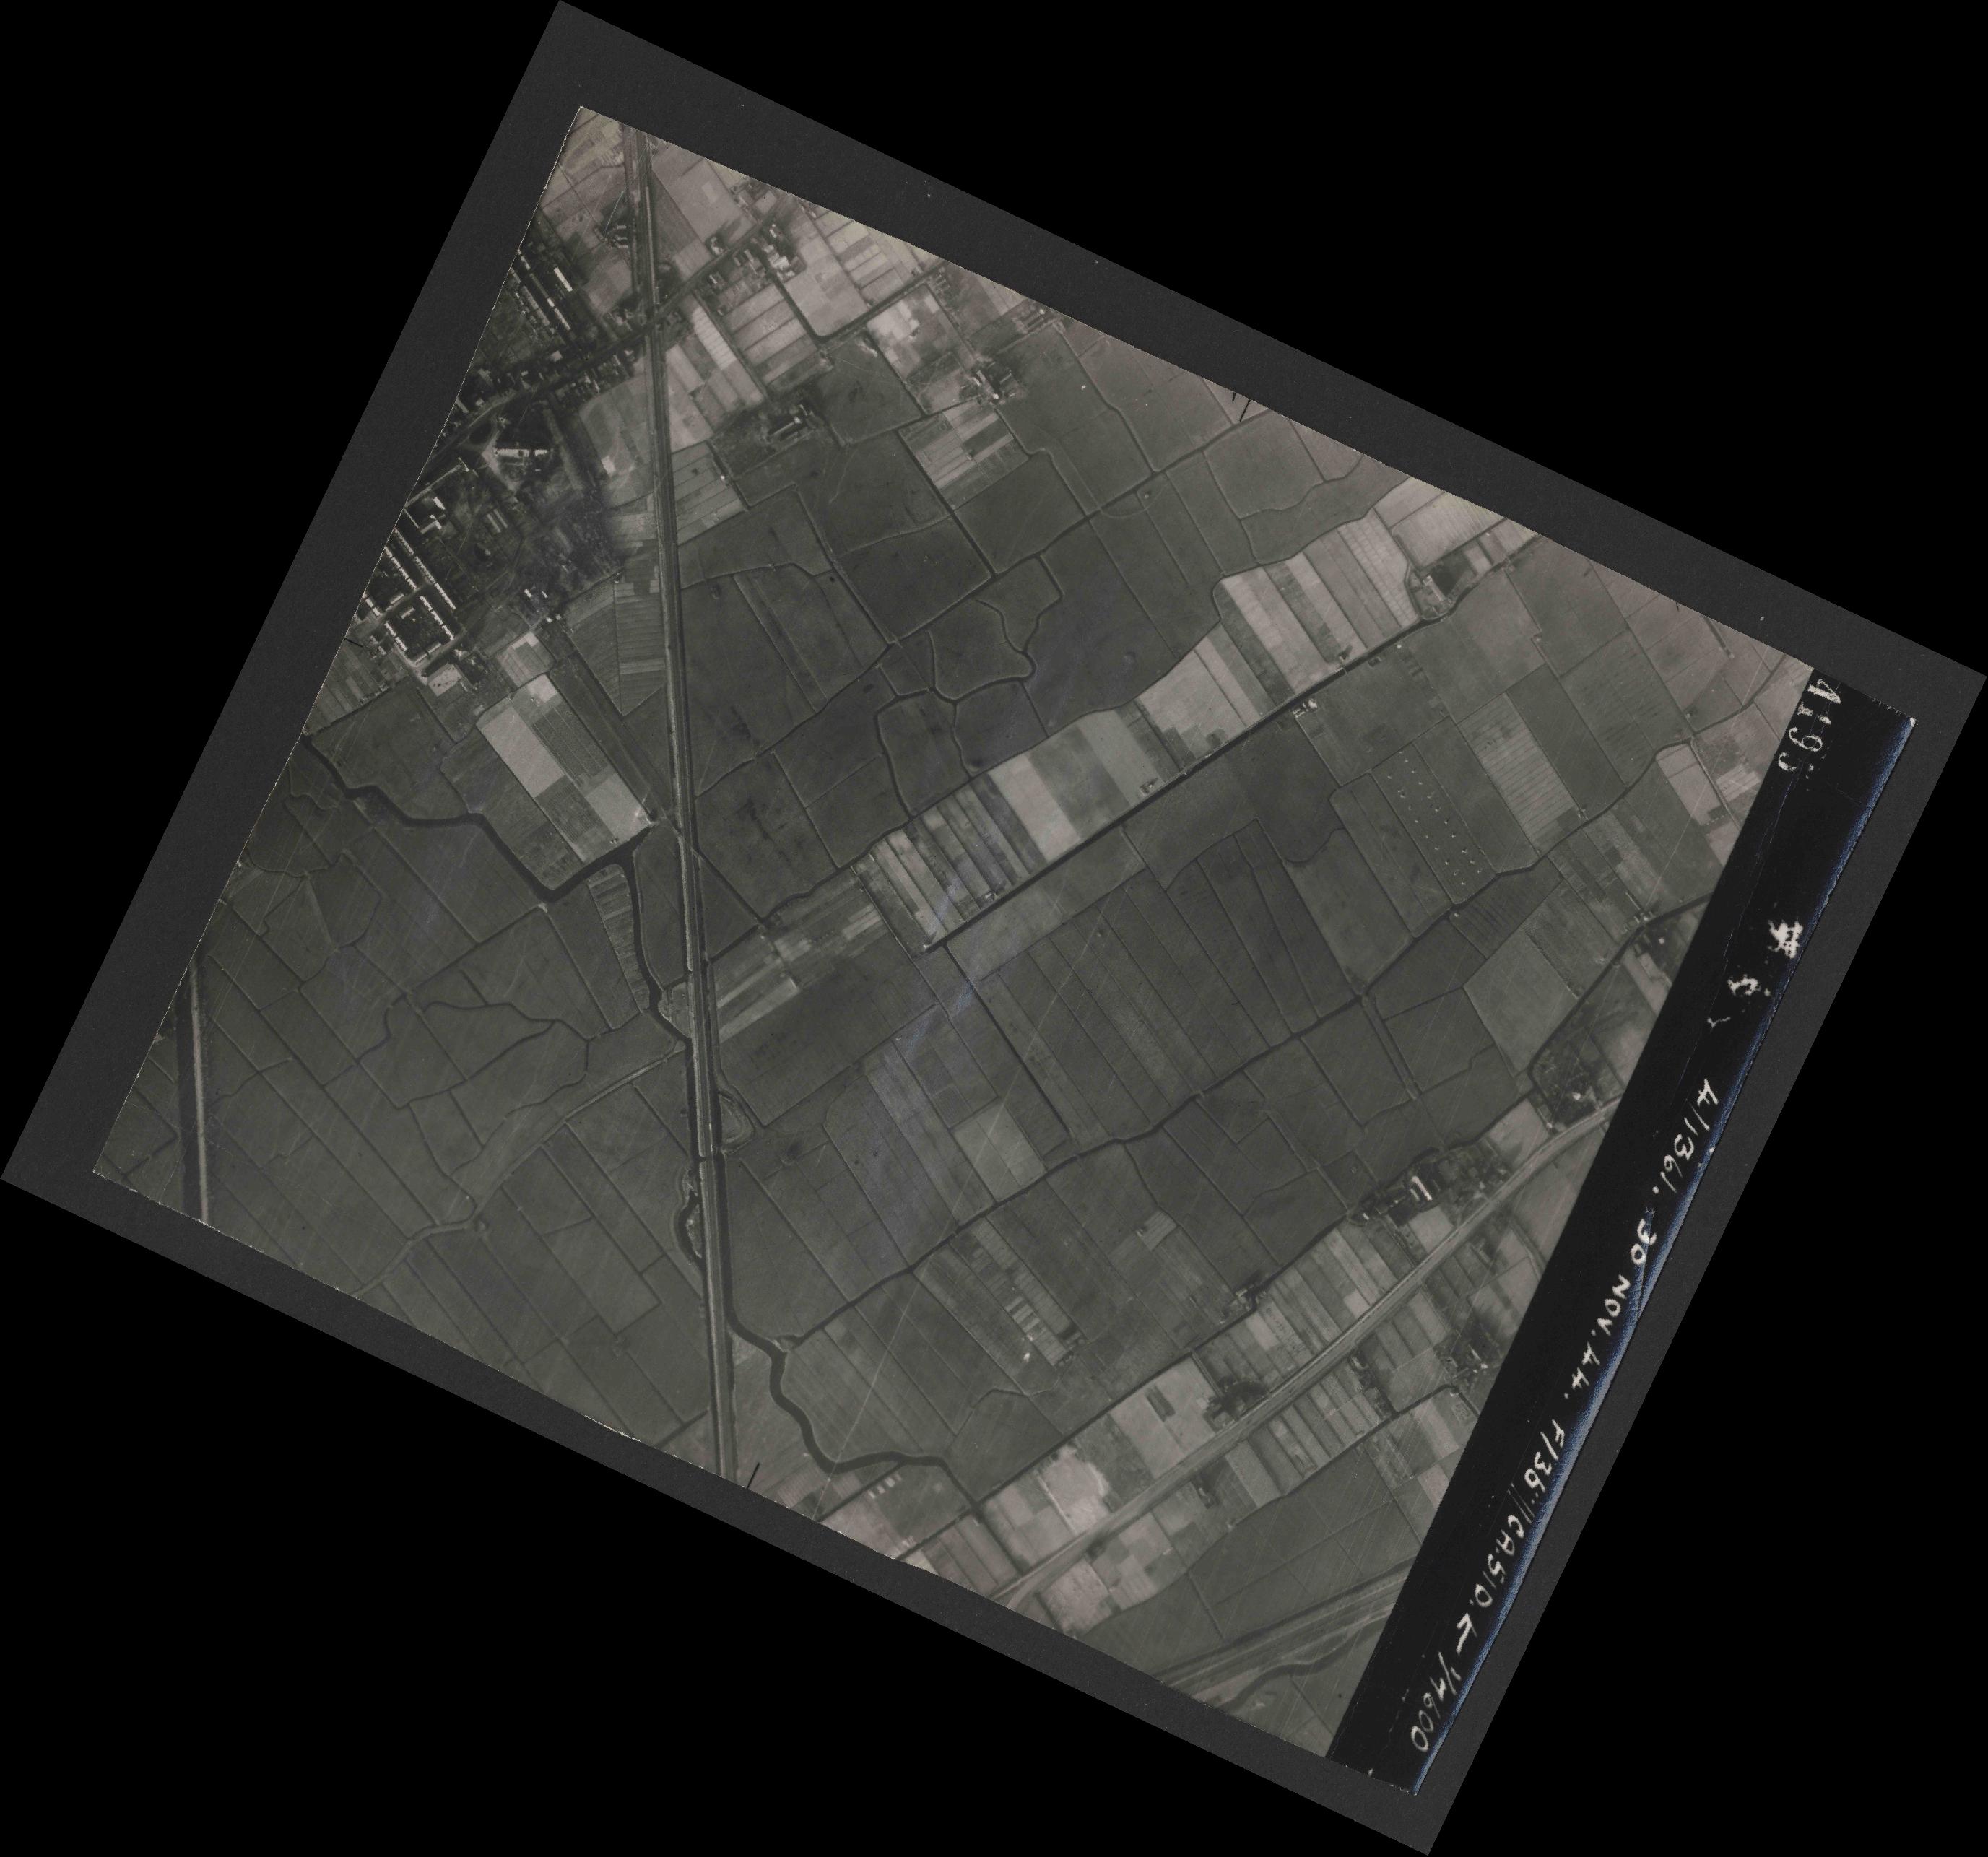 Collection RAF aerial photos 1940-1945 - flight 151, run 04, photo 4195